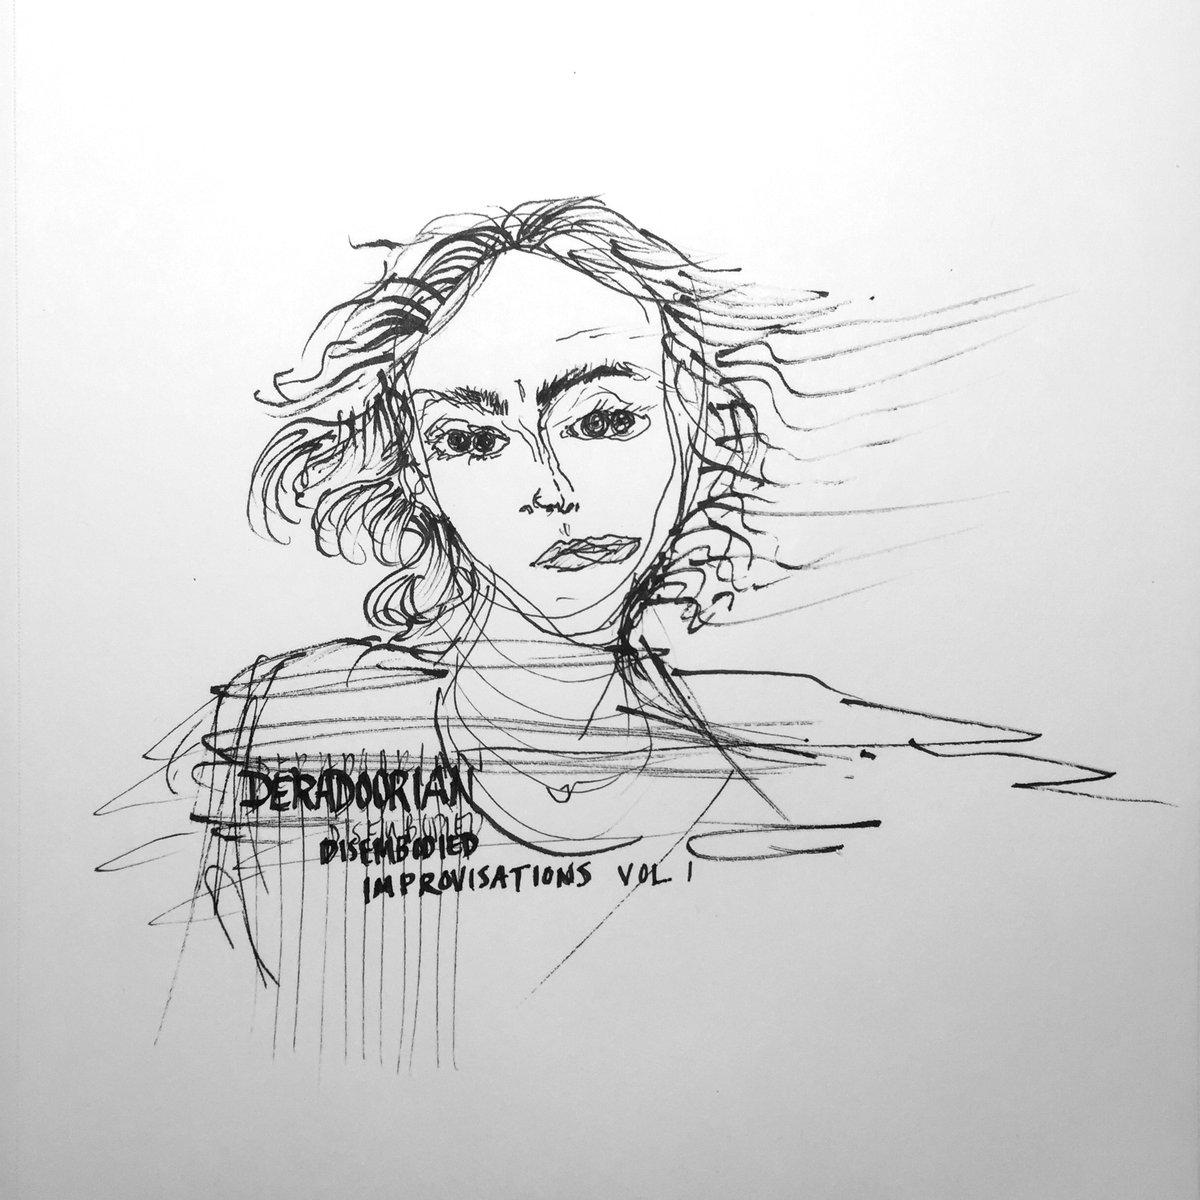 Deradoorian — Disembodied Improvisations Vol. 1  - Independent, Apr. 2019